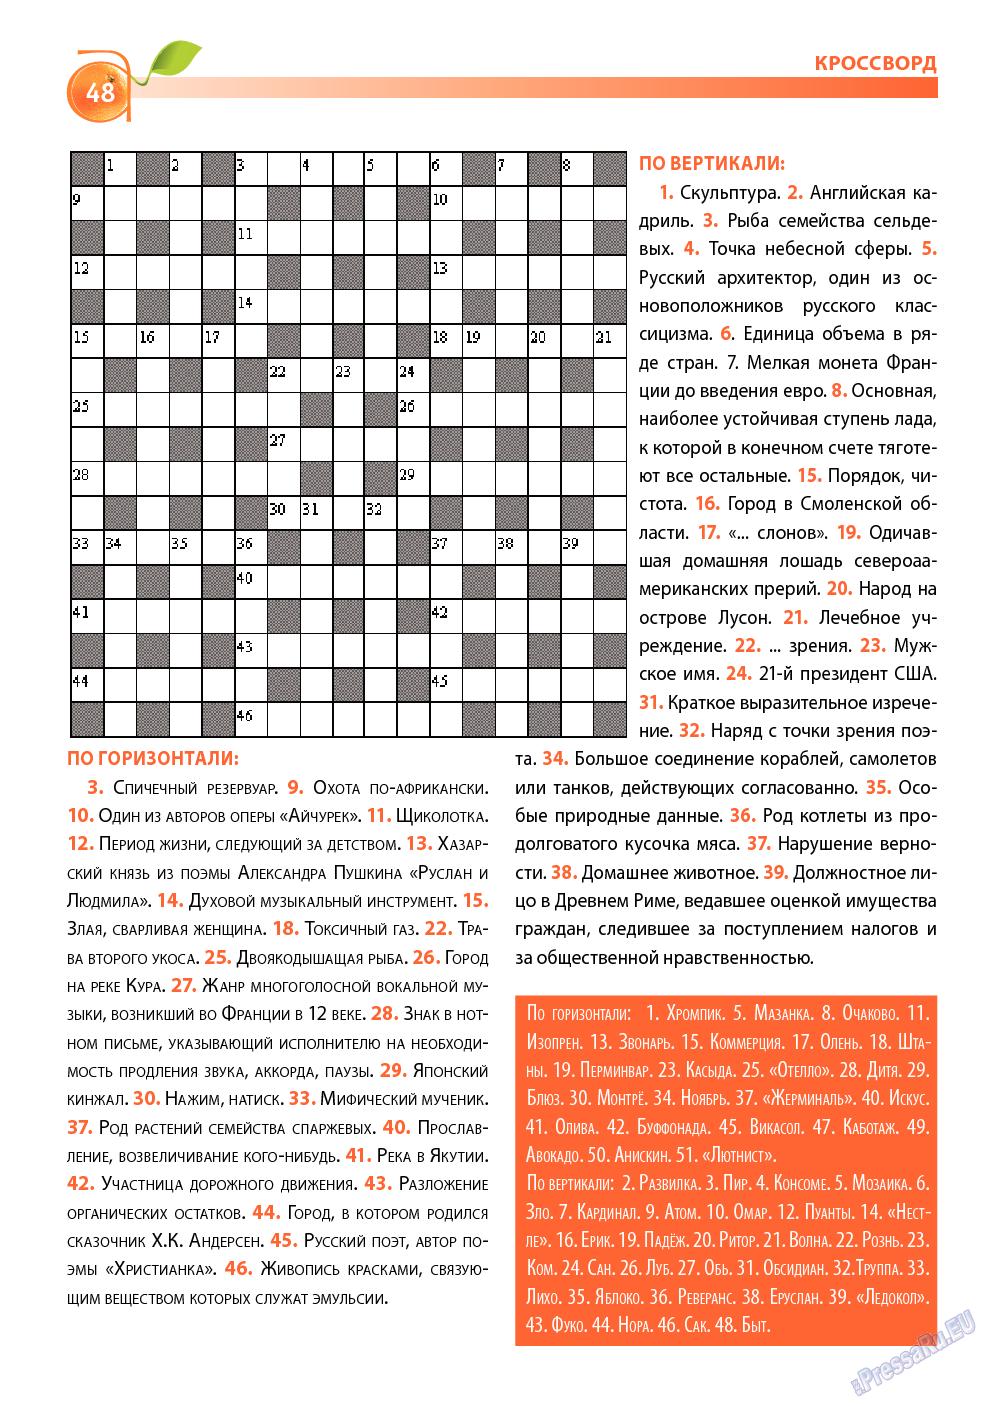 Апельсин (журнал). 2018 год, номер 105, стр. 48